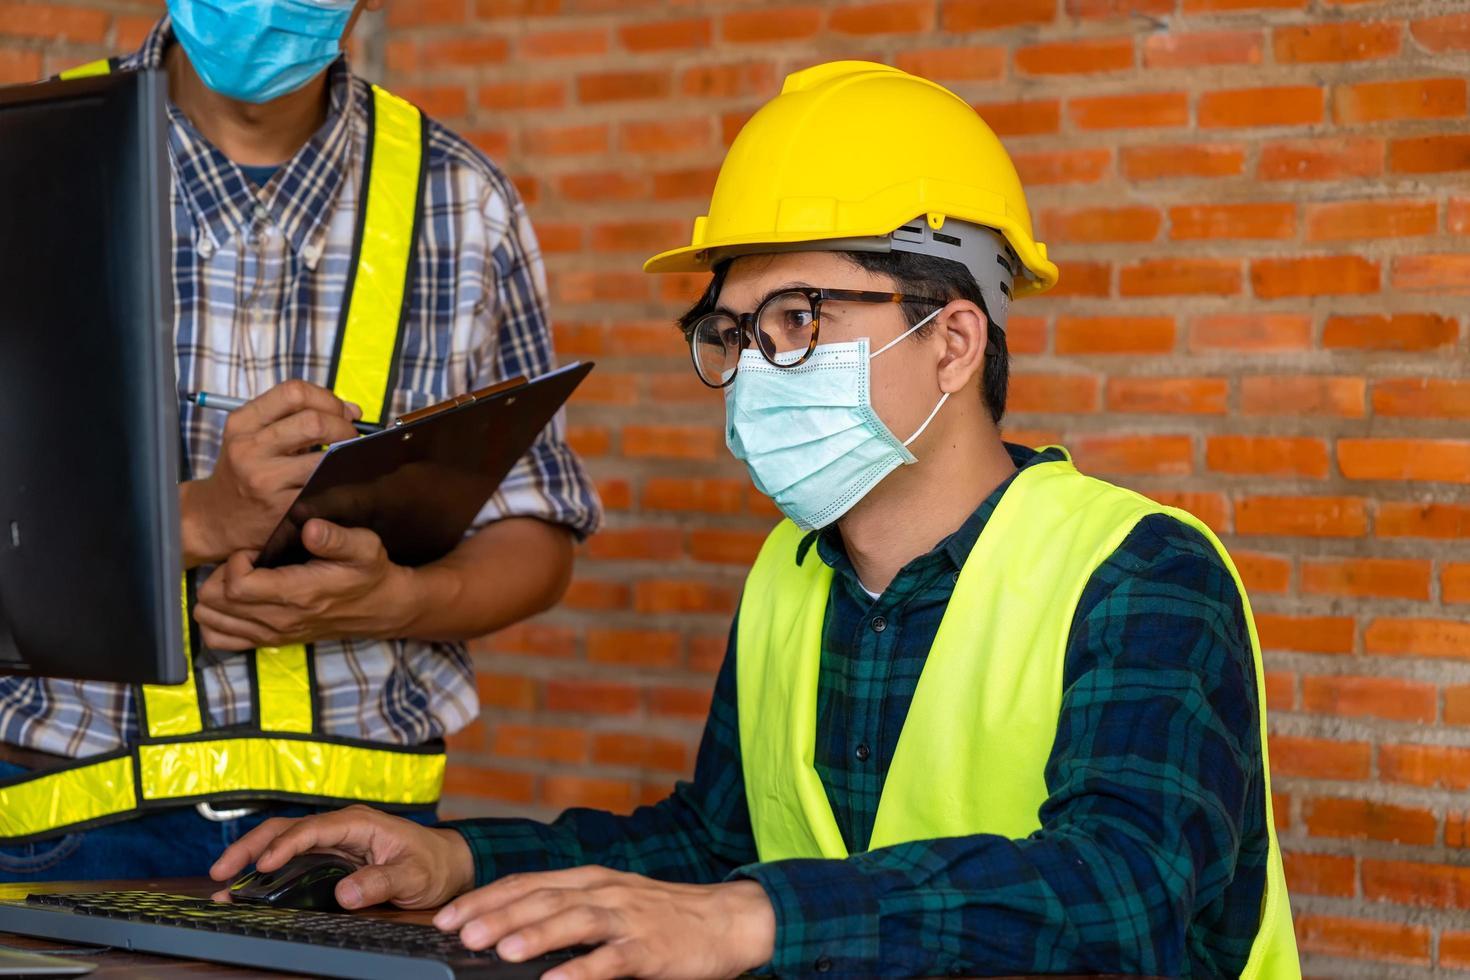 homme portant un équipement de protection avec ordinateur photo